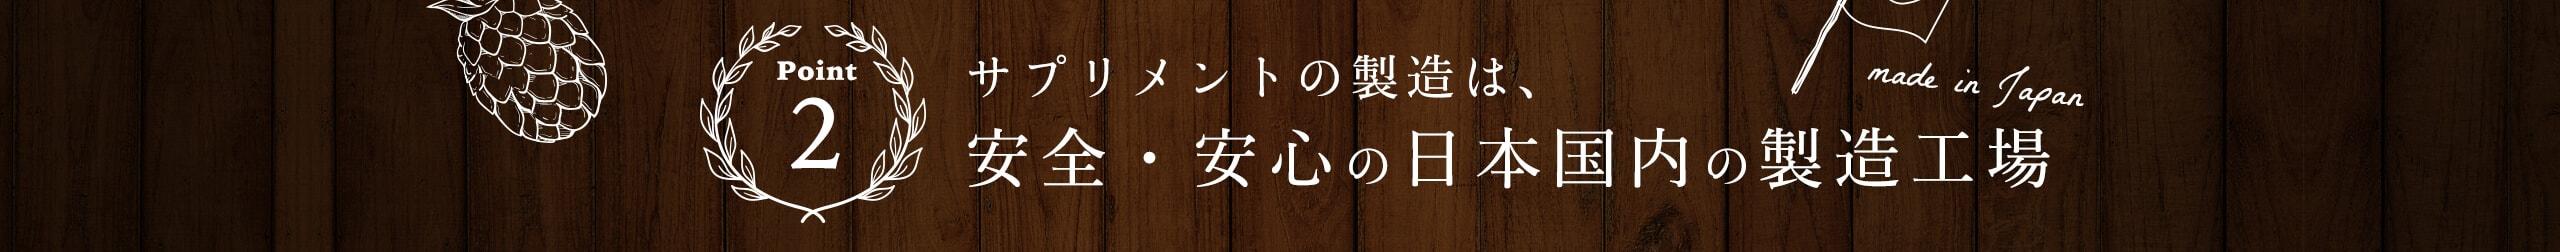 2,サプリメントの製造は、安全・安心の日本国内の製造工場